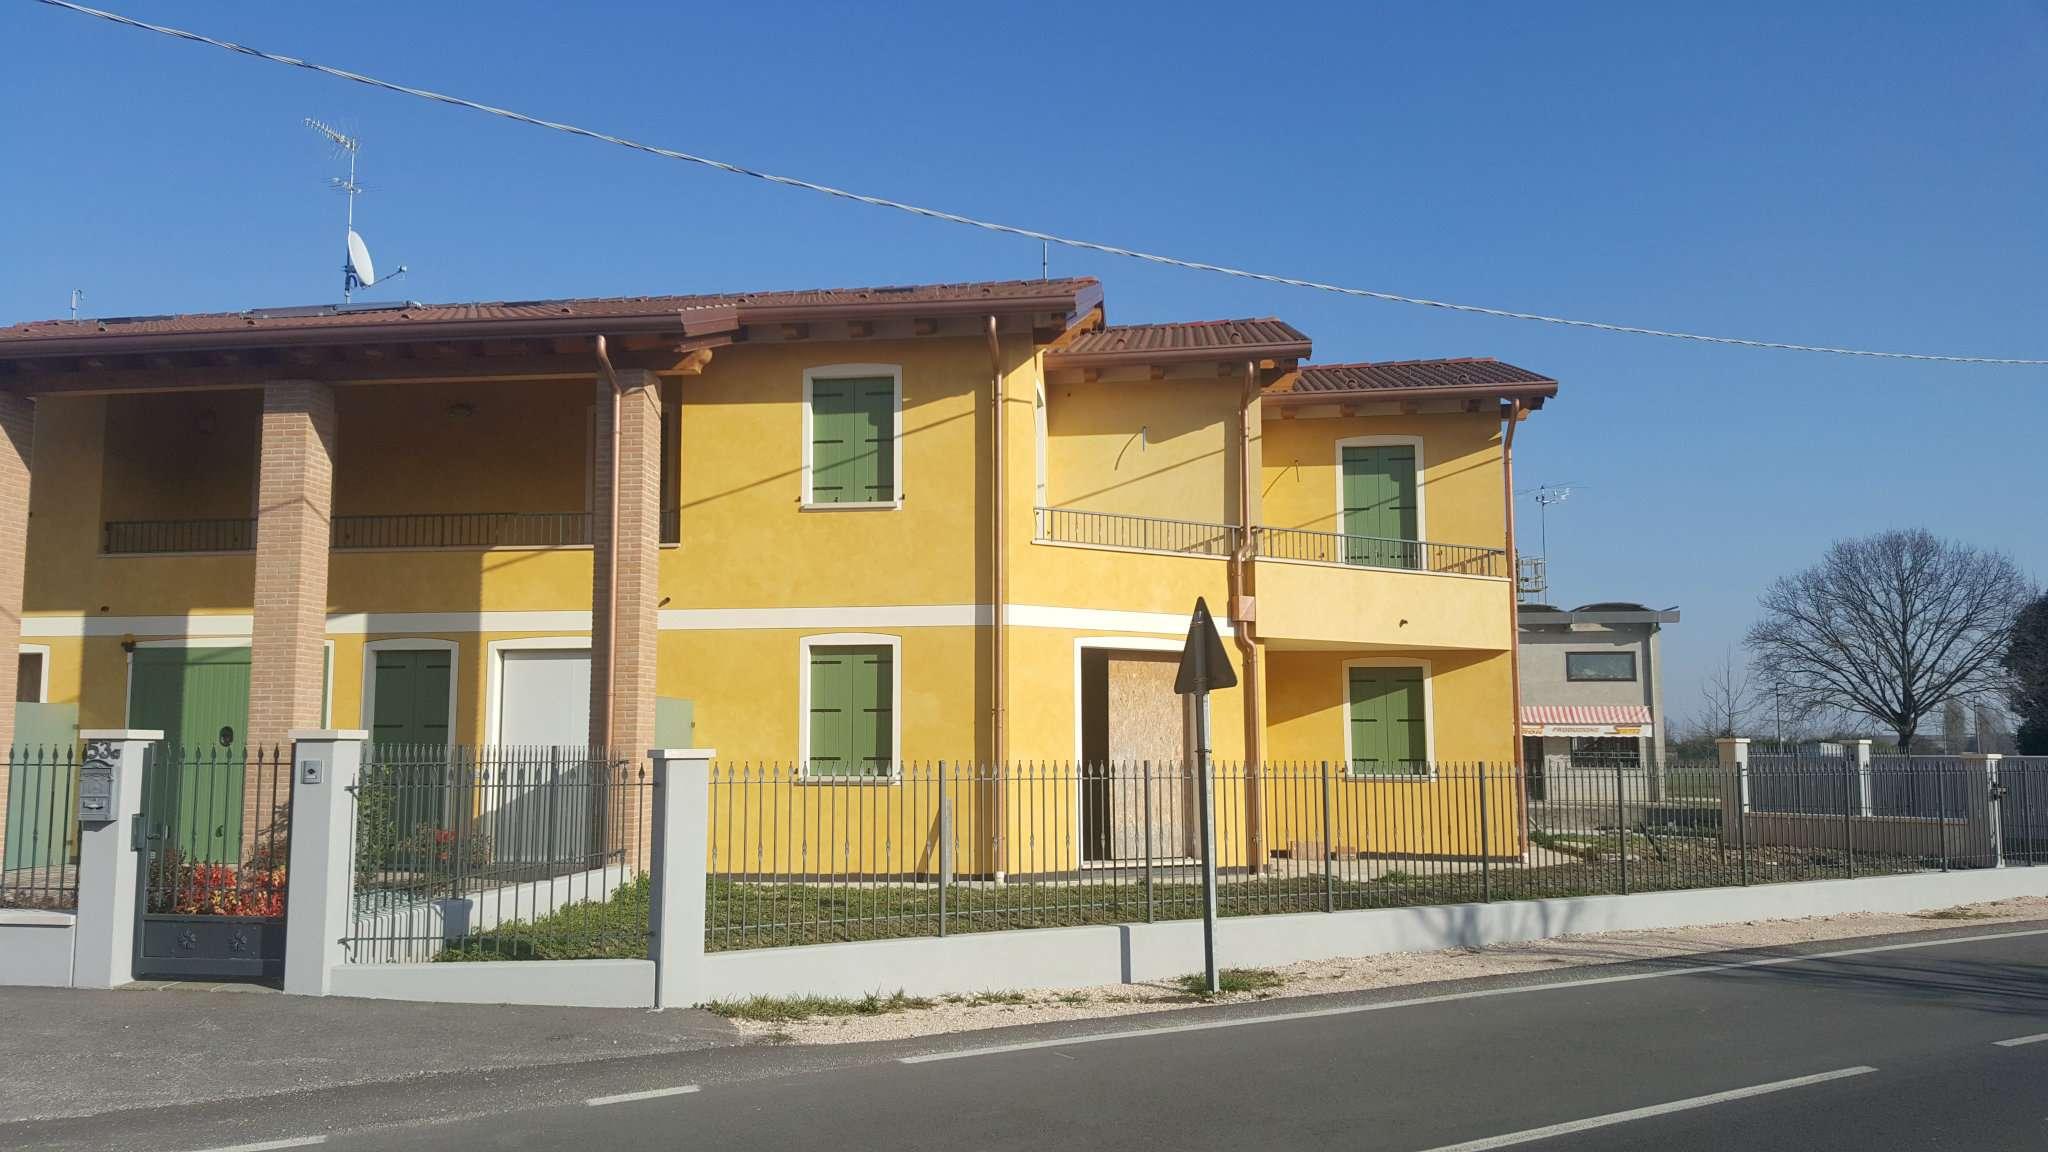 Soluzione Indipendente in vendita a Piove di Sacco, 6 locali, prezzo € 235.000 | Cambio Casa.it